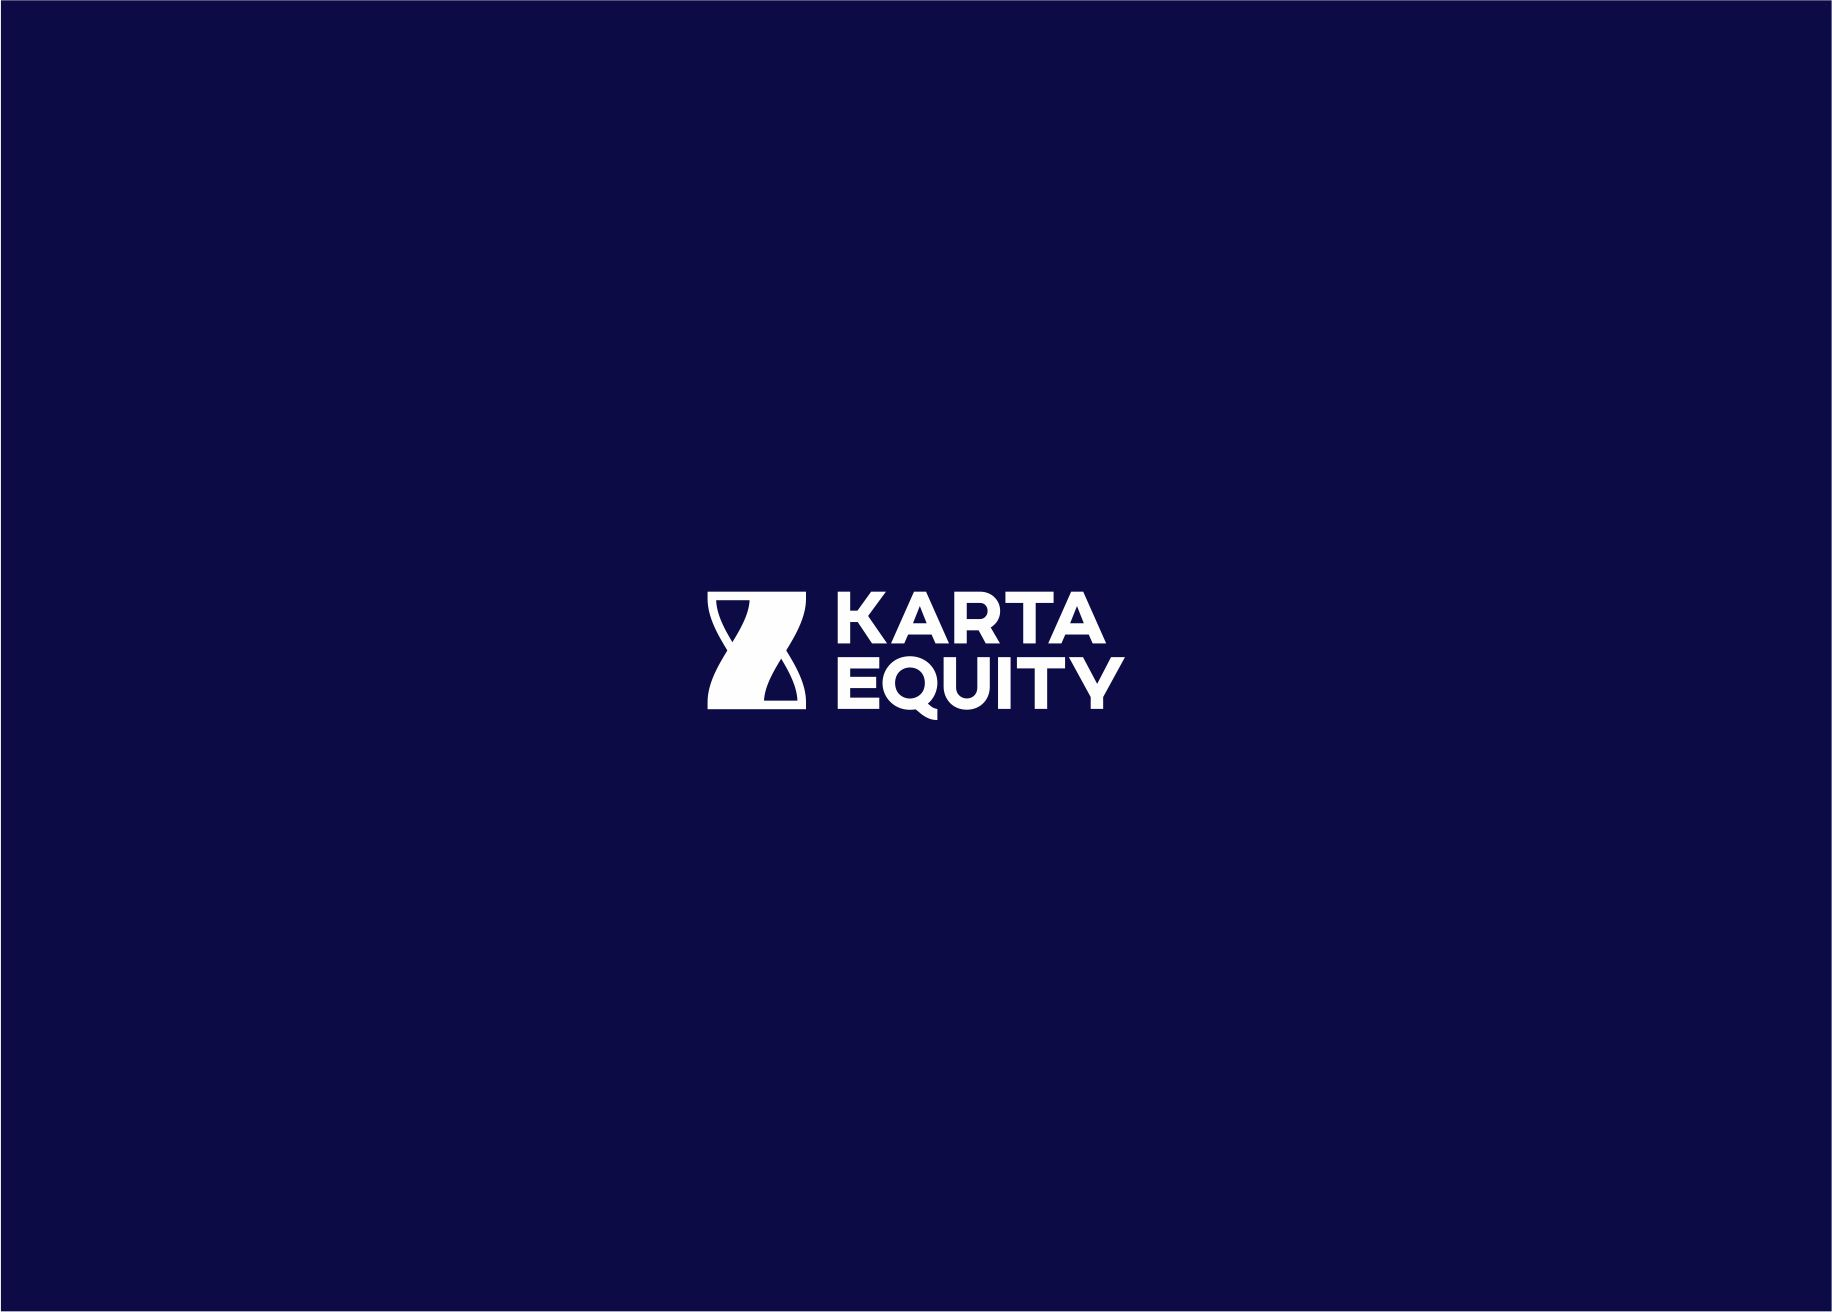 Логотип для компании инвестироваюшей в жилую недвижимость фото f_5865e0f6eebe0f88.jpg